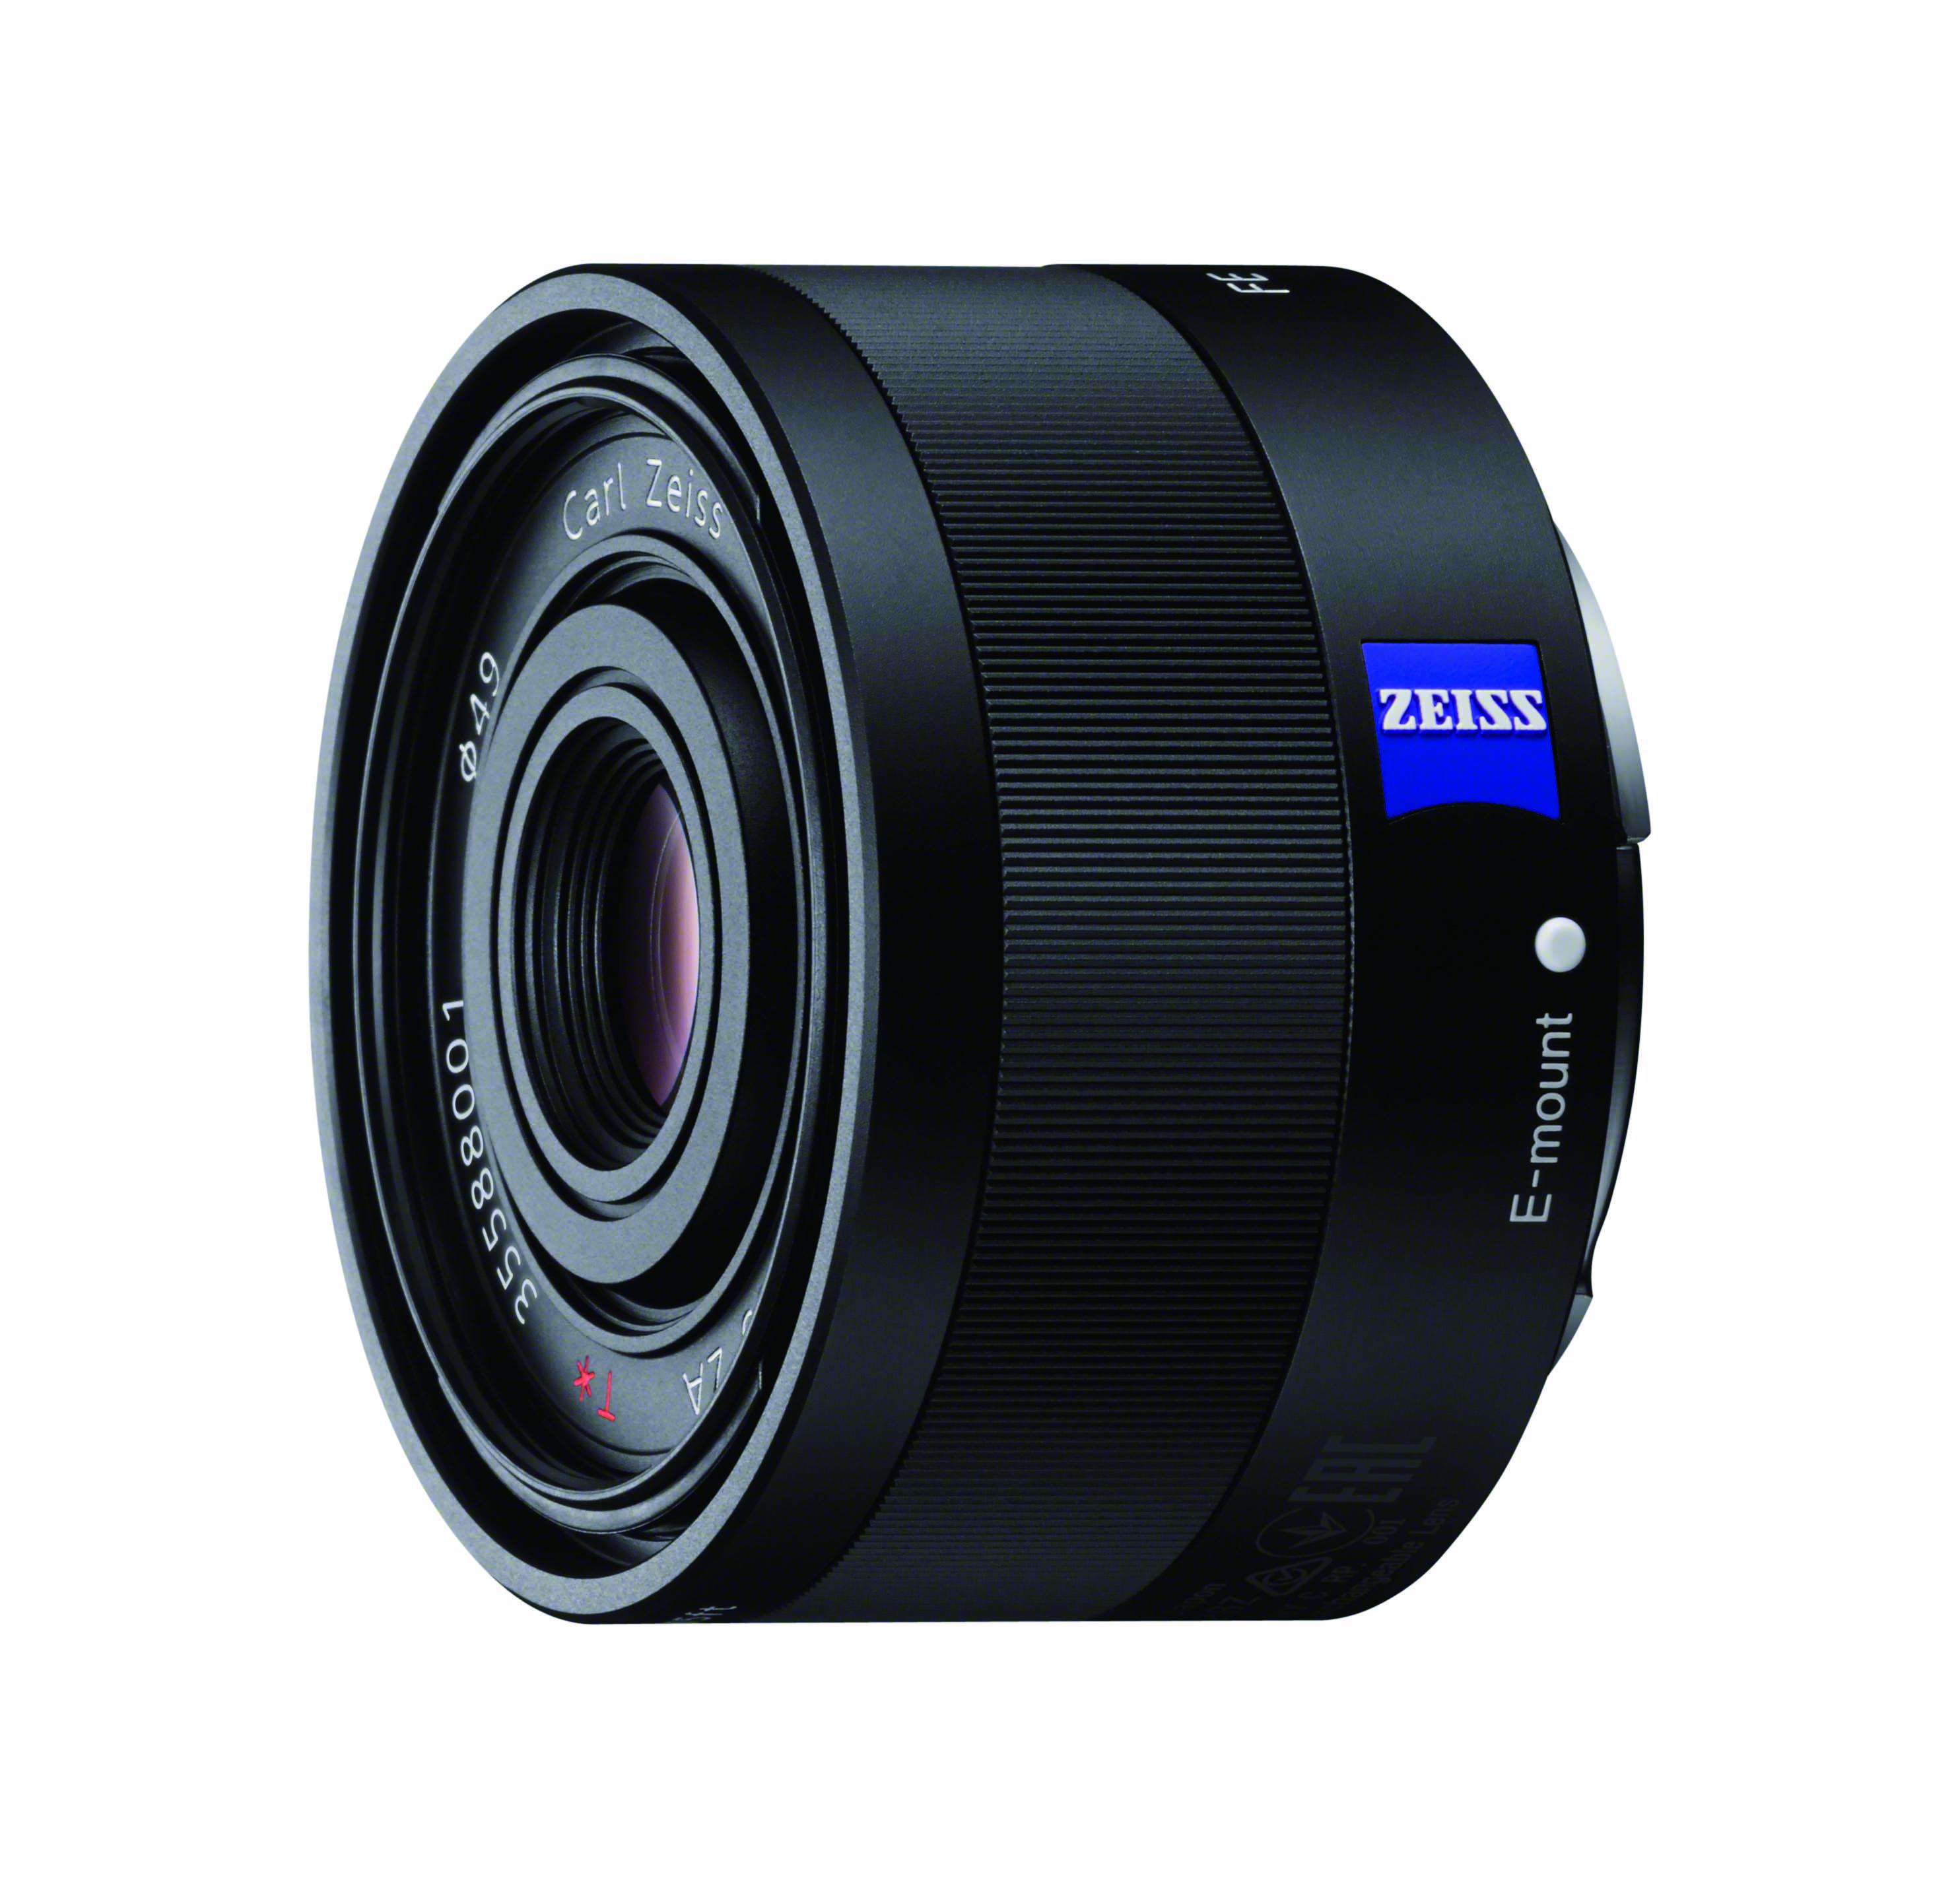 Sony Zeiss Sonnar T* SEL FE 2,8/35 mm ZA Objektiv